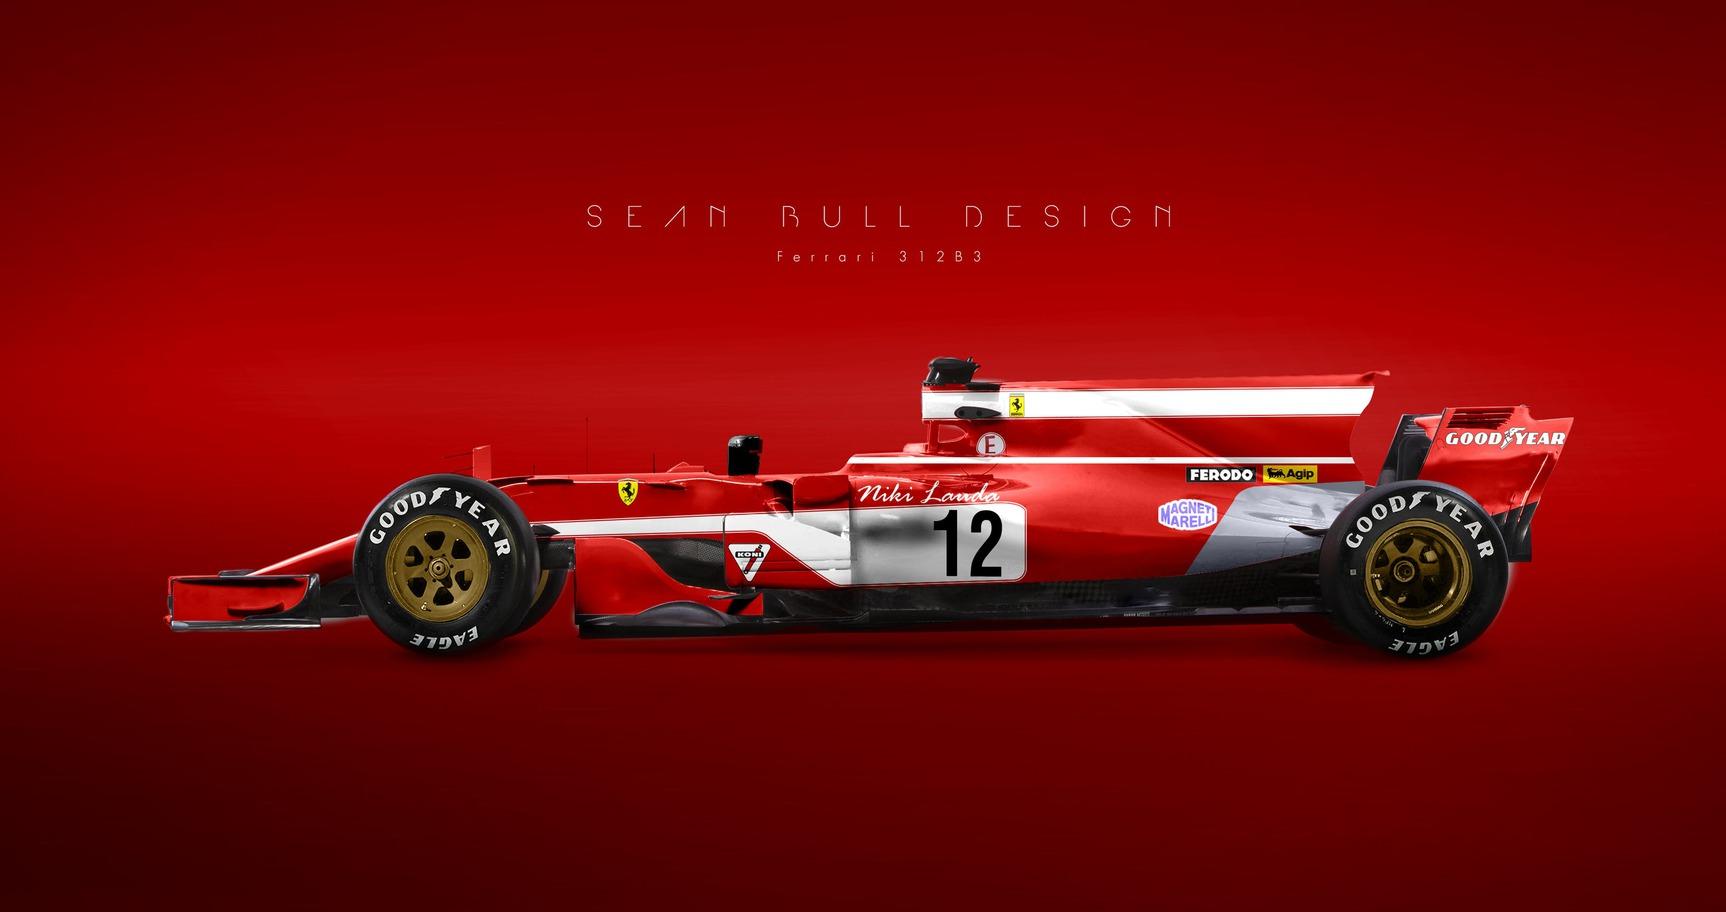 Minden F1-es Ferrari festése egyetlen autón - (Sean Bull)